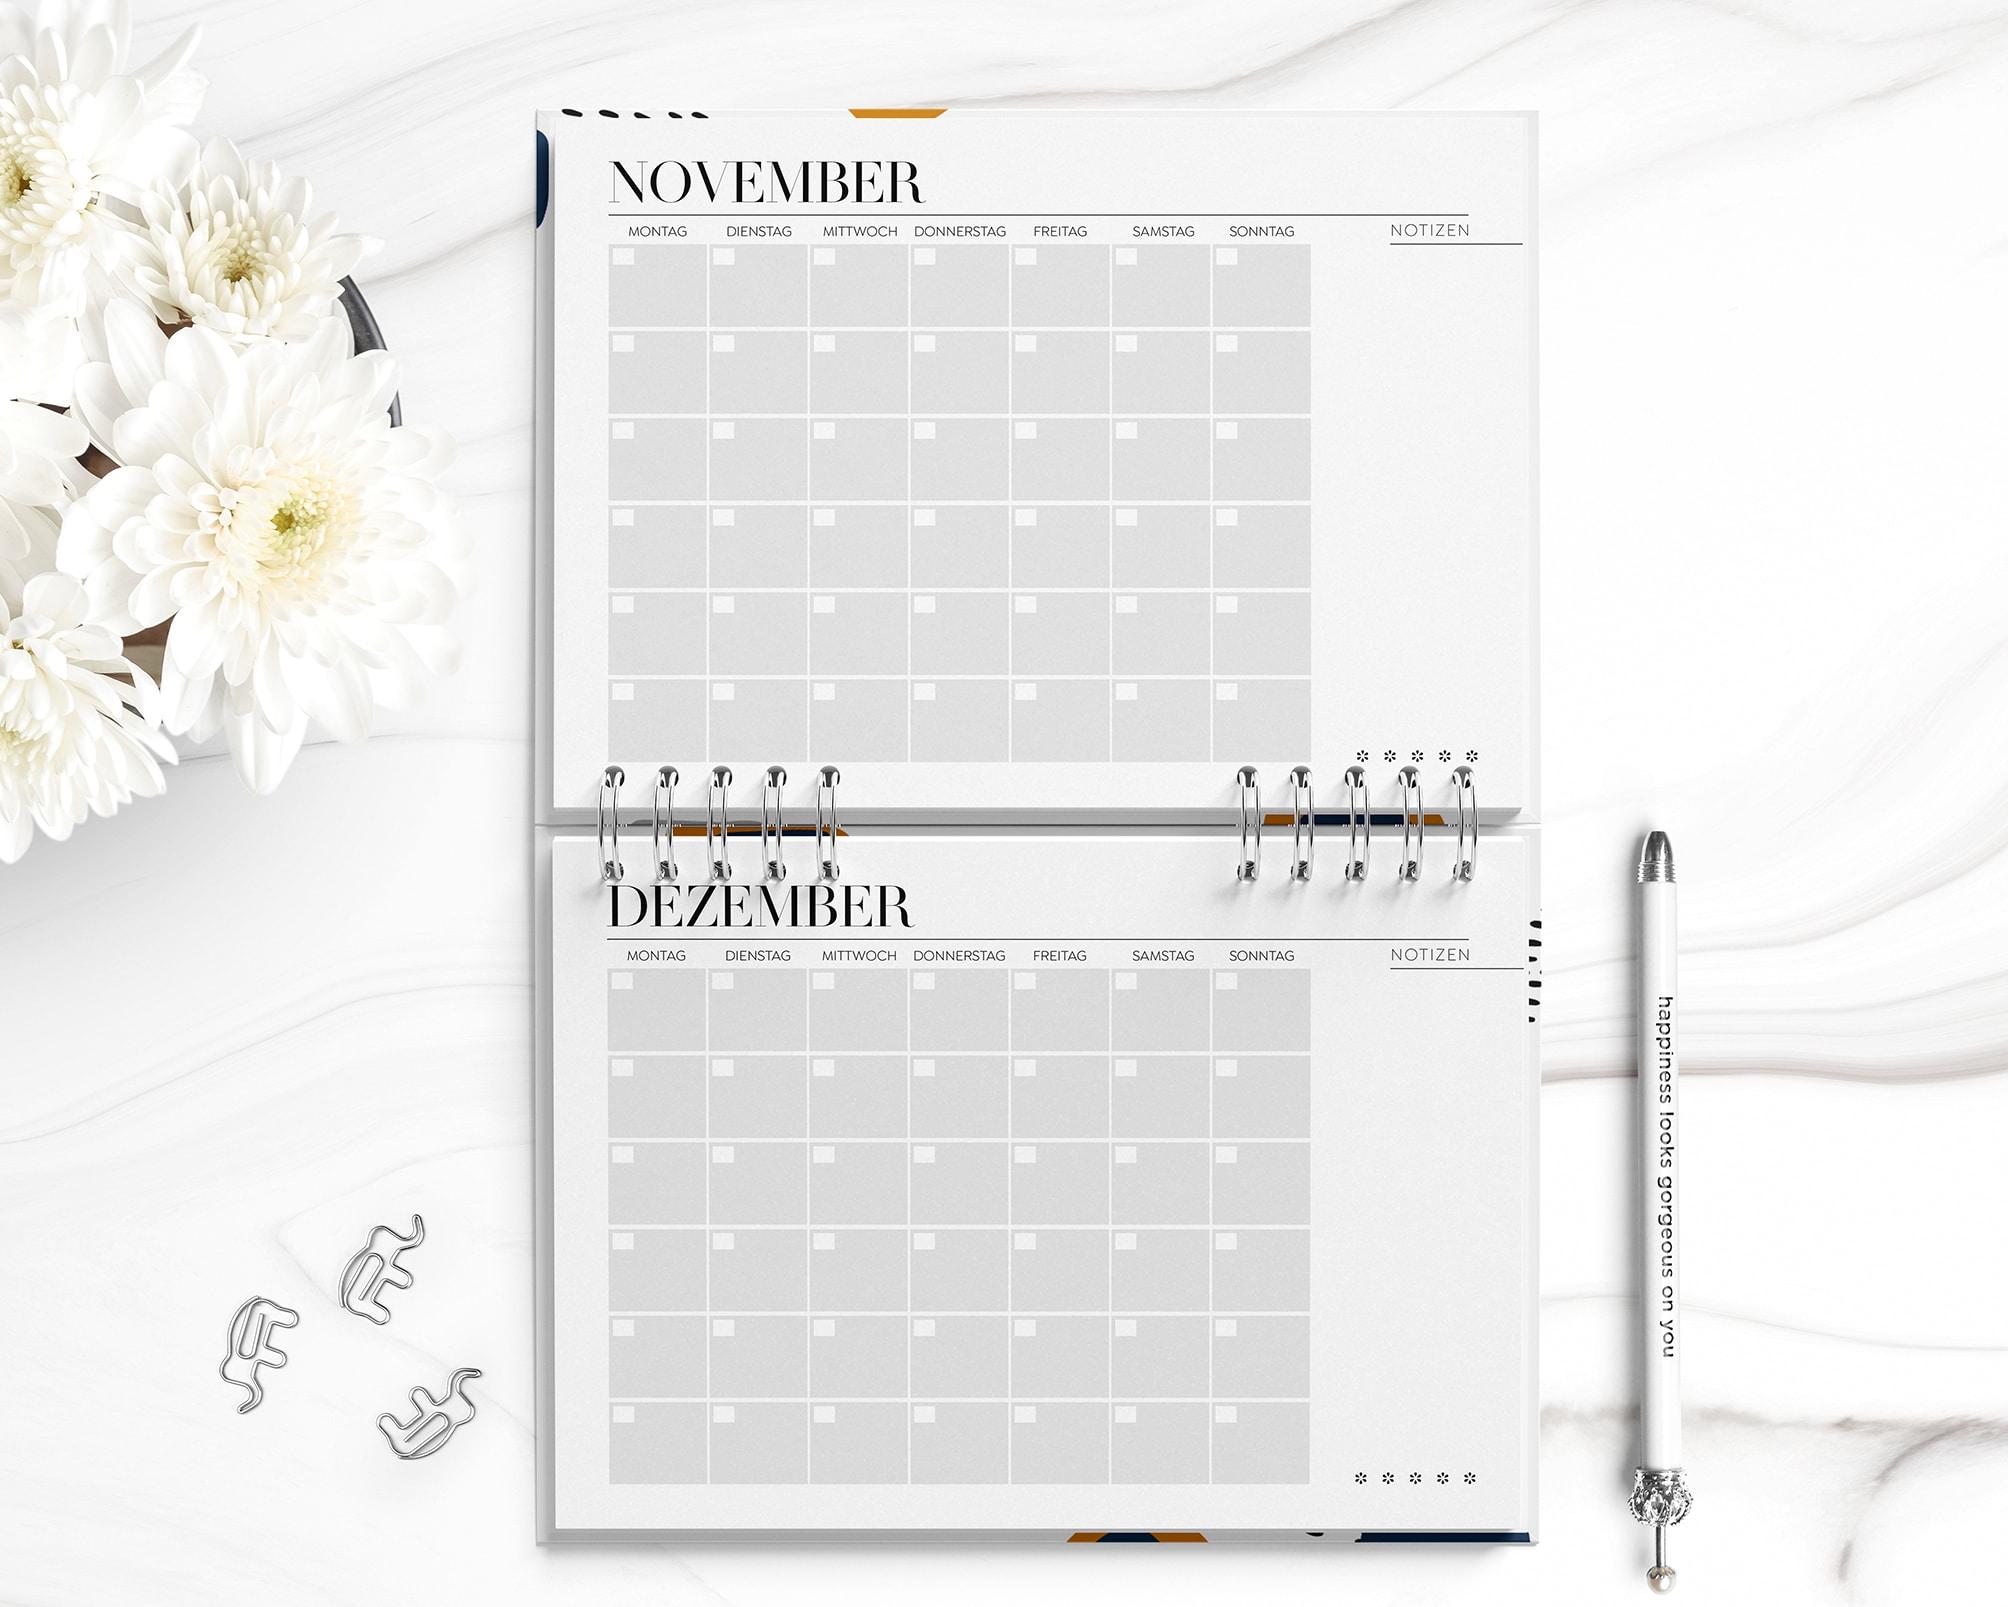 Monatskalender zum Ausdrucken PDF | 12 Monatspläne Januar bis Dezember